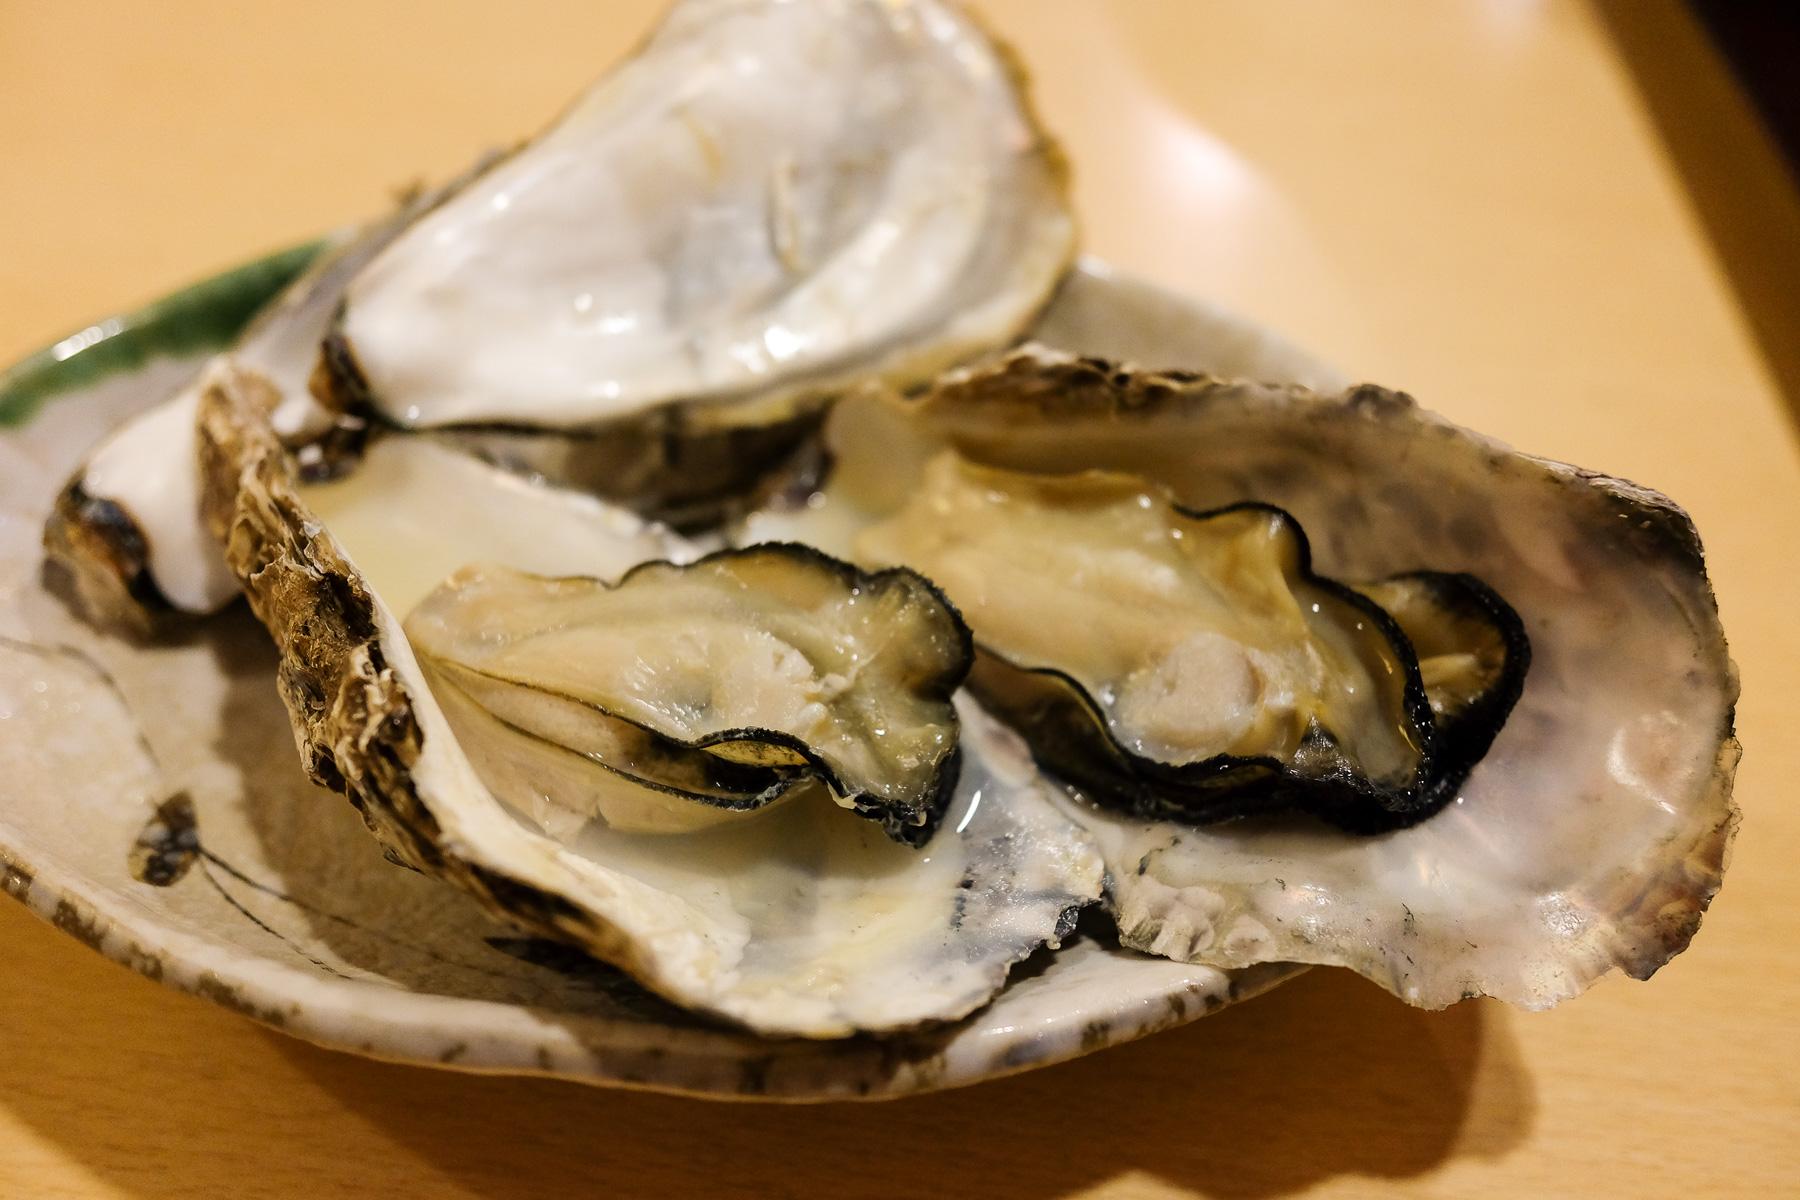 In Sake gedämpfte Austern.